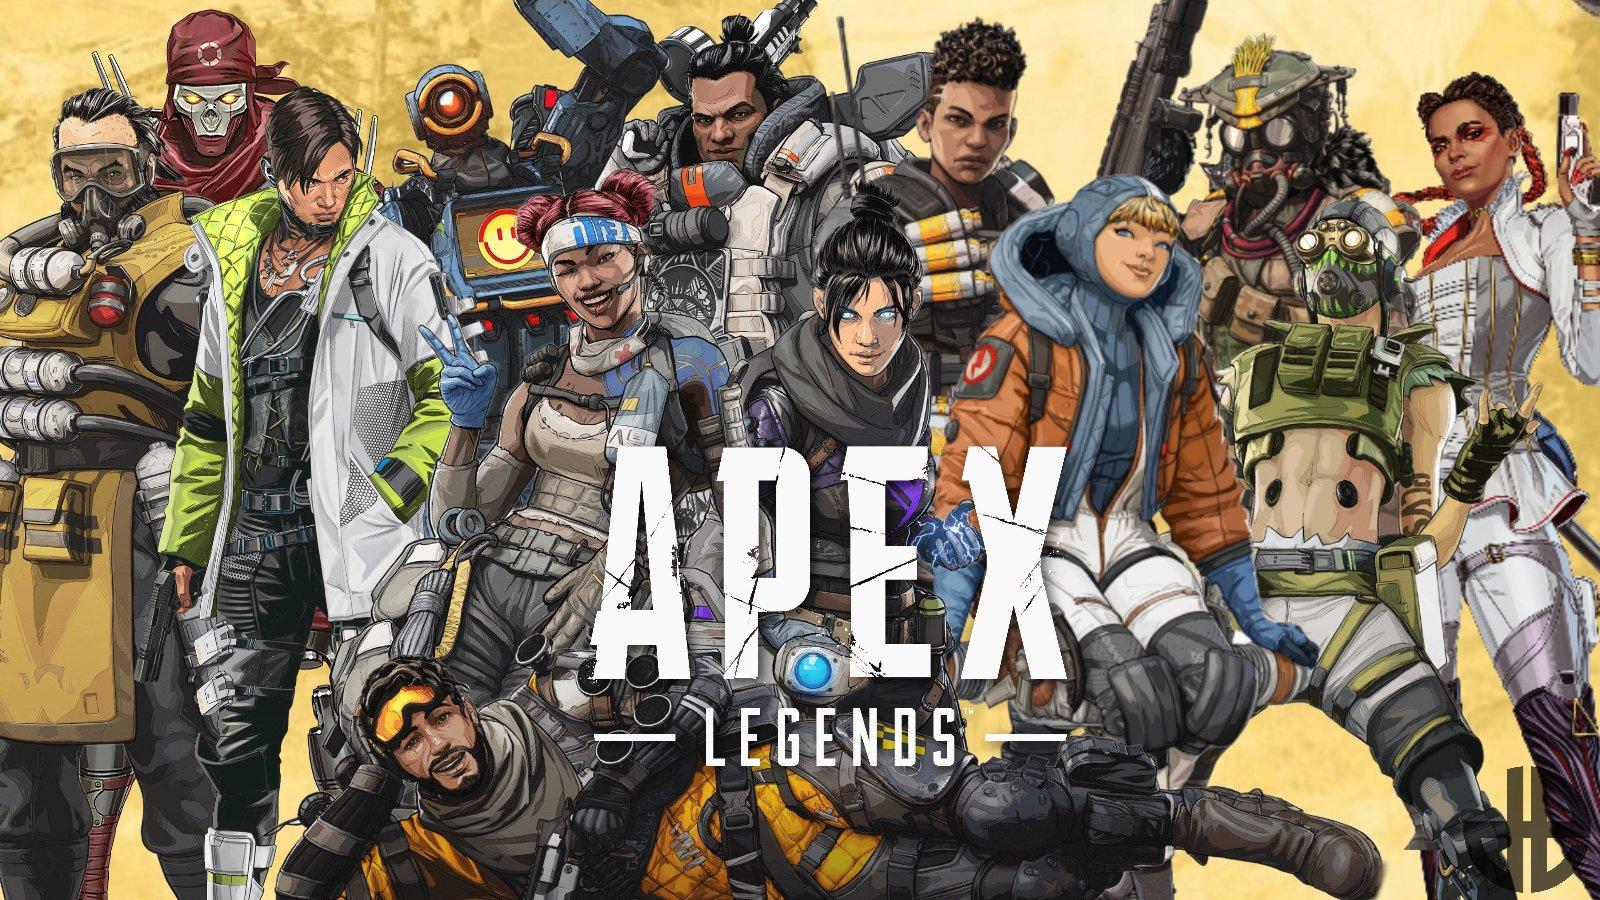 В Apex Legends пройдет событие «Военные игры» с ежедневными испытаниями